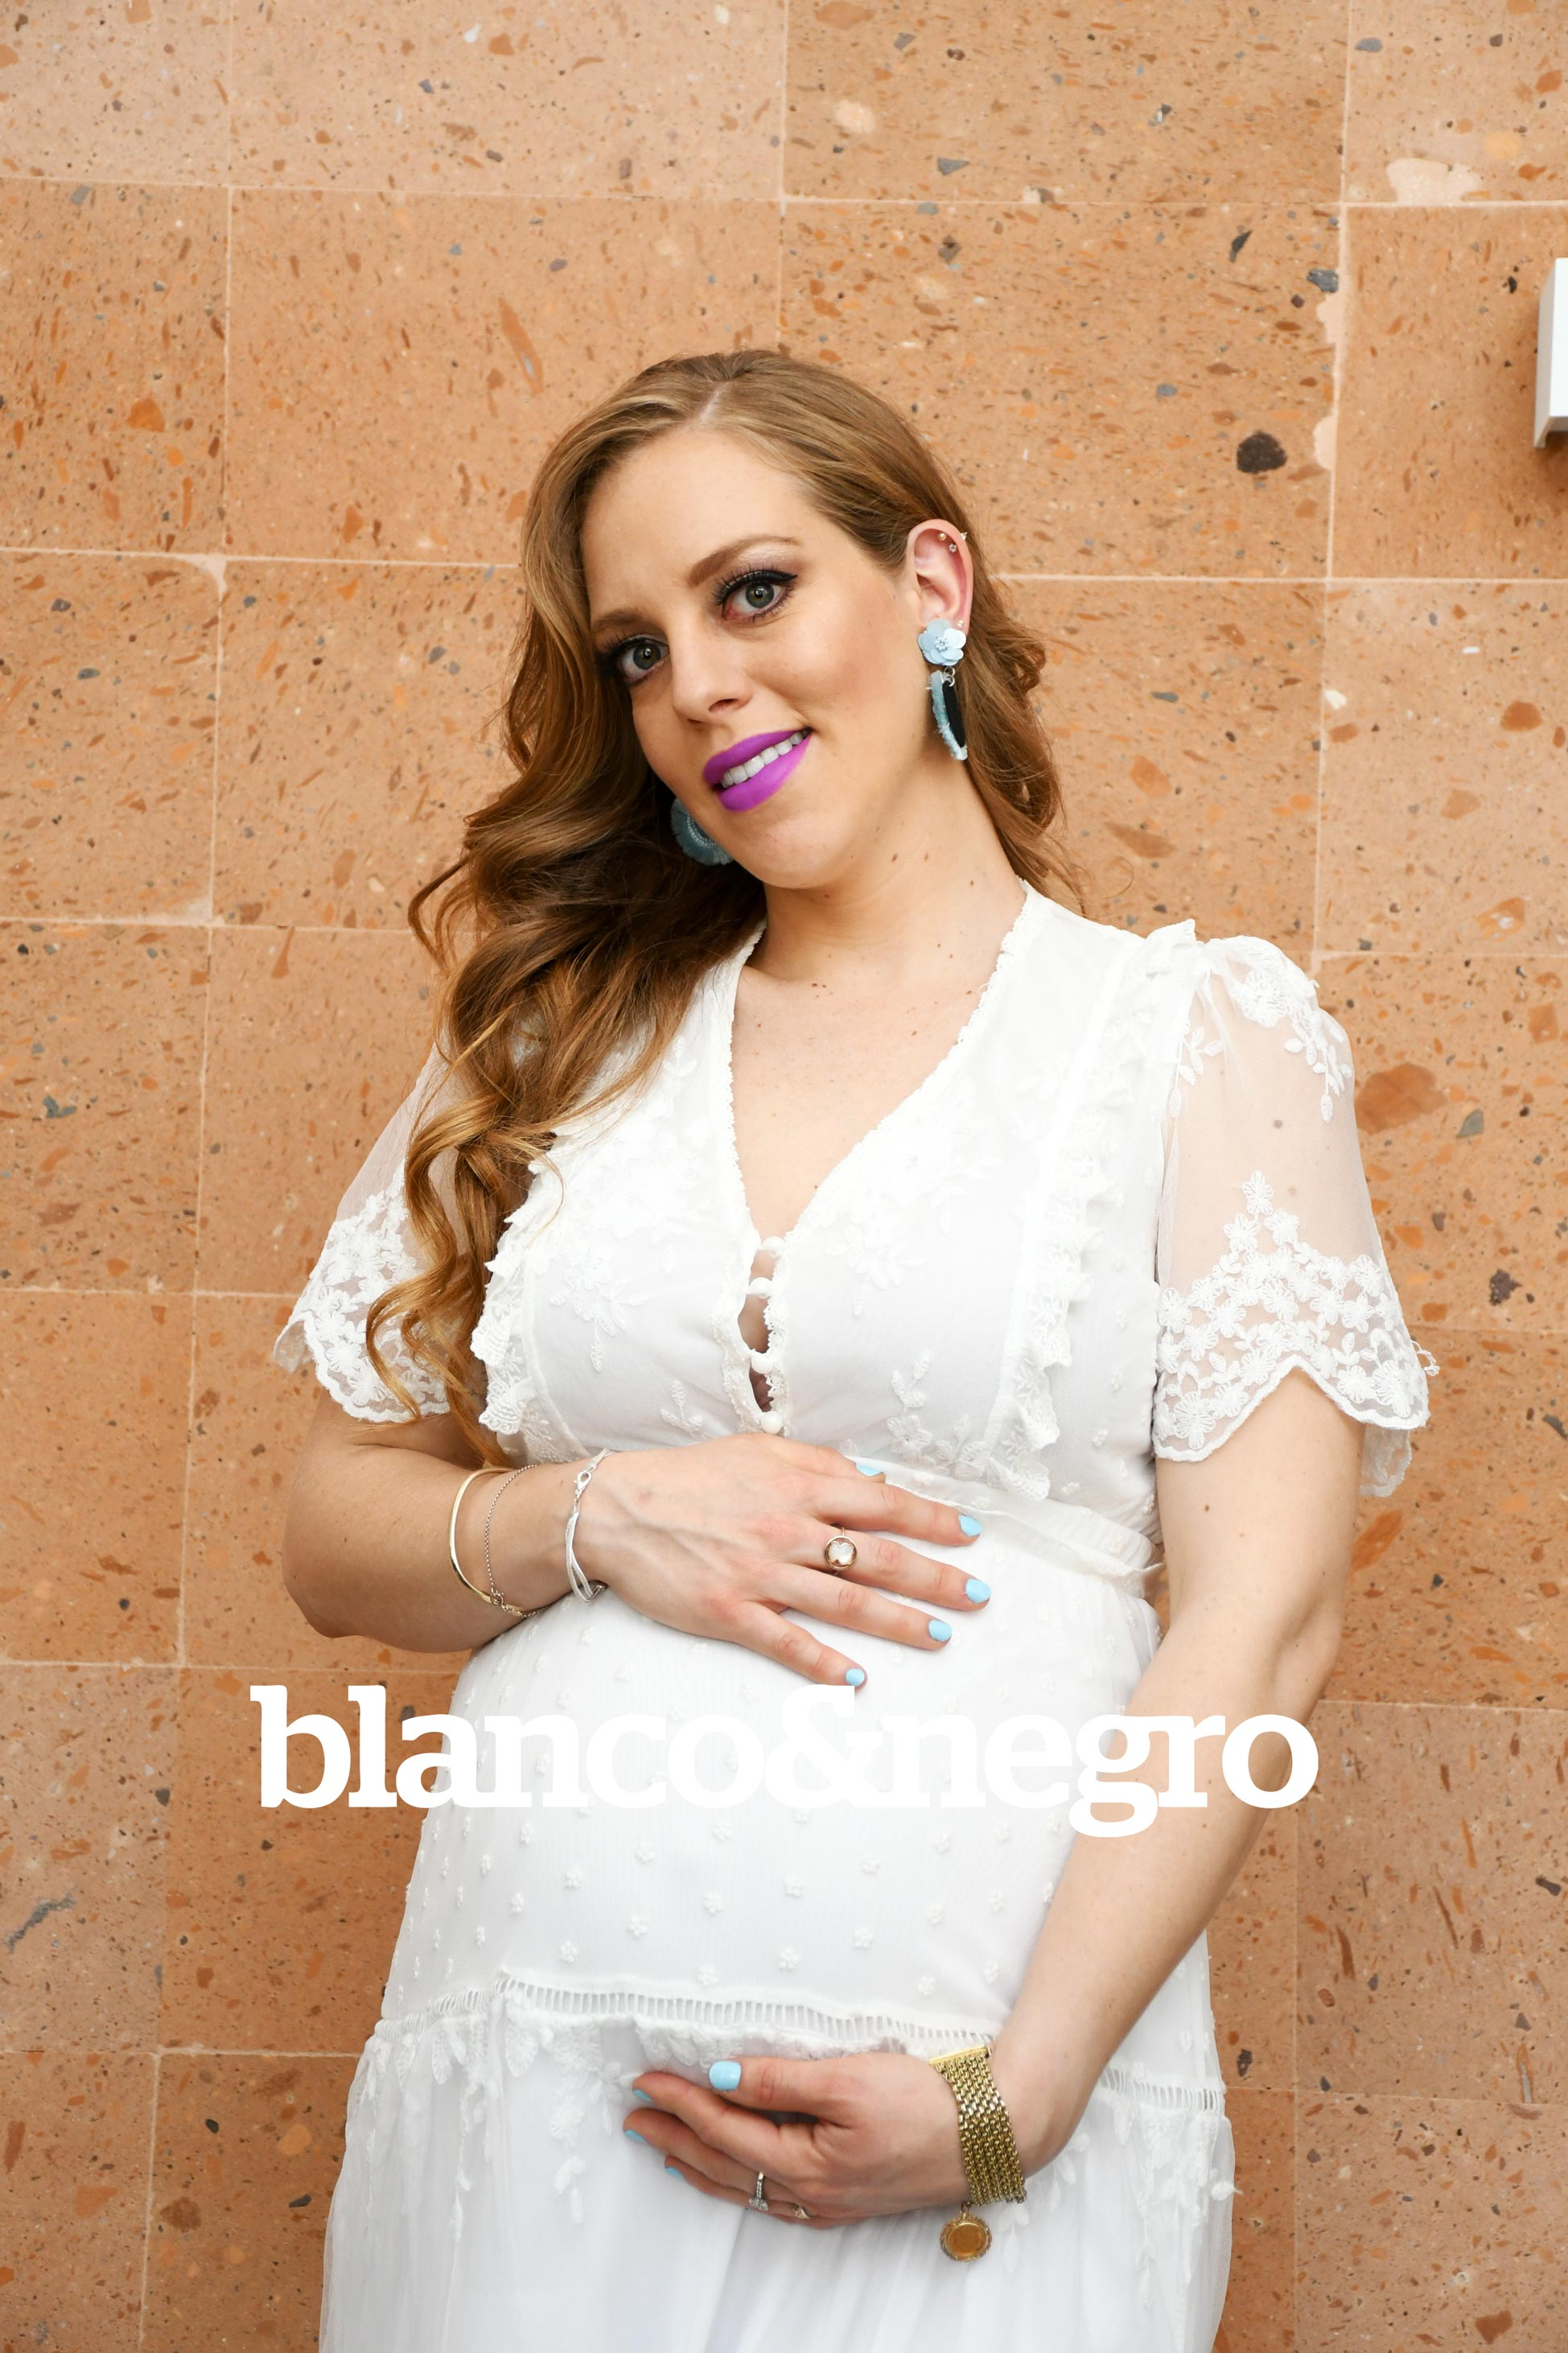 Baby-Susana-Gonzalez-130